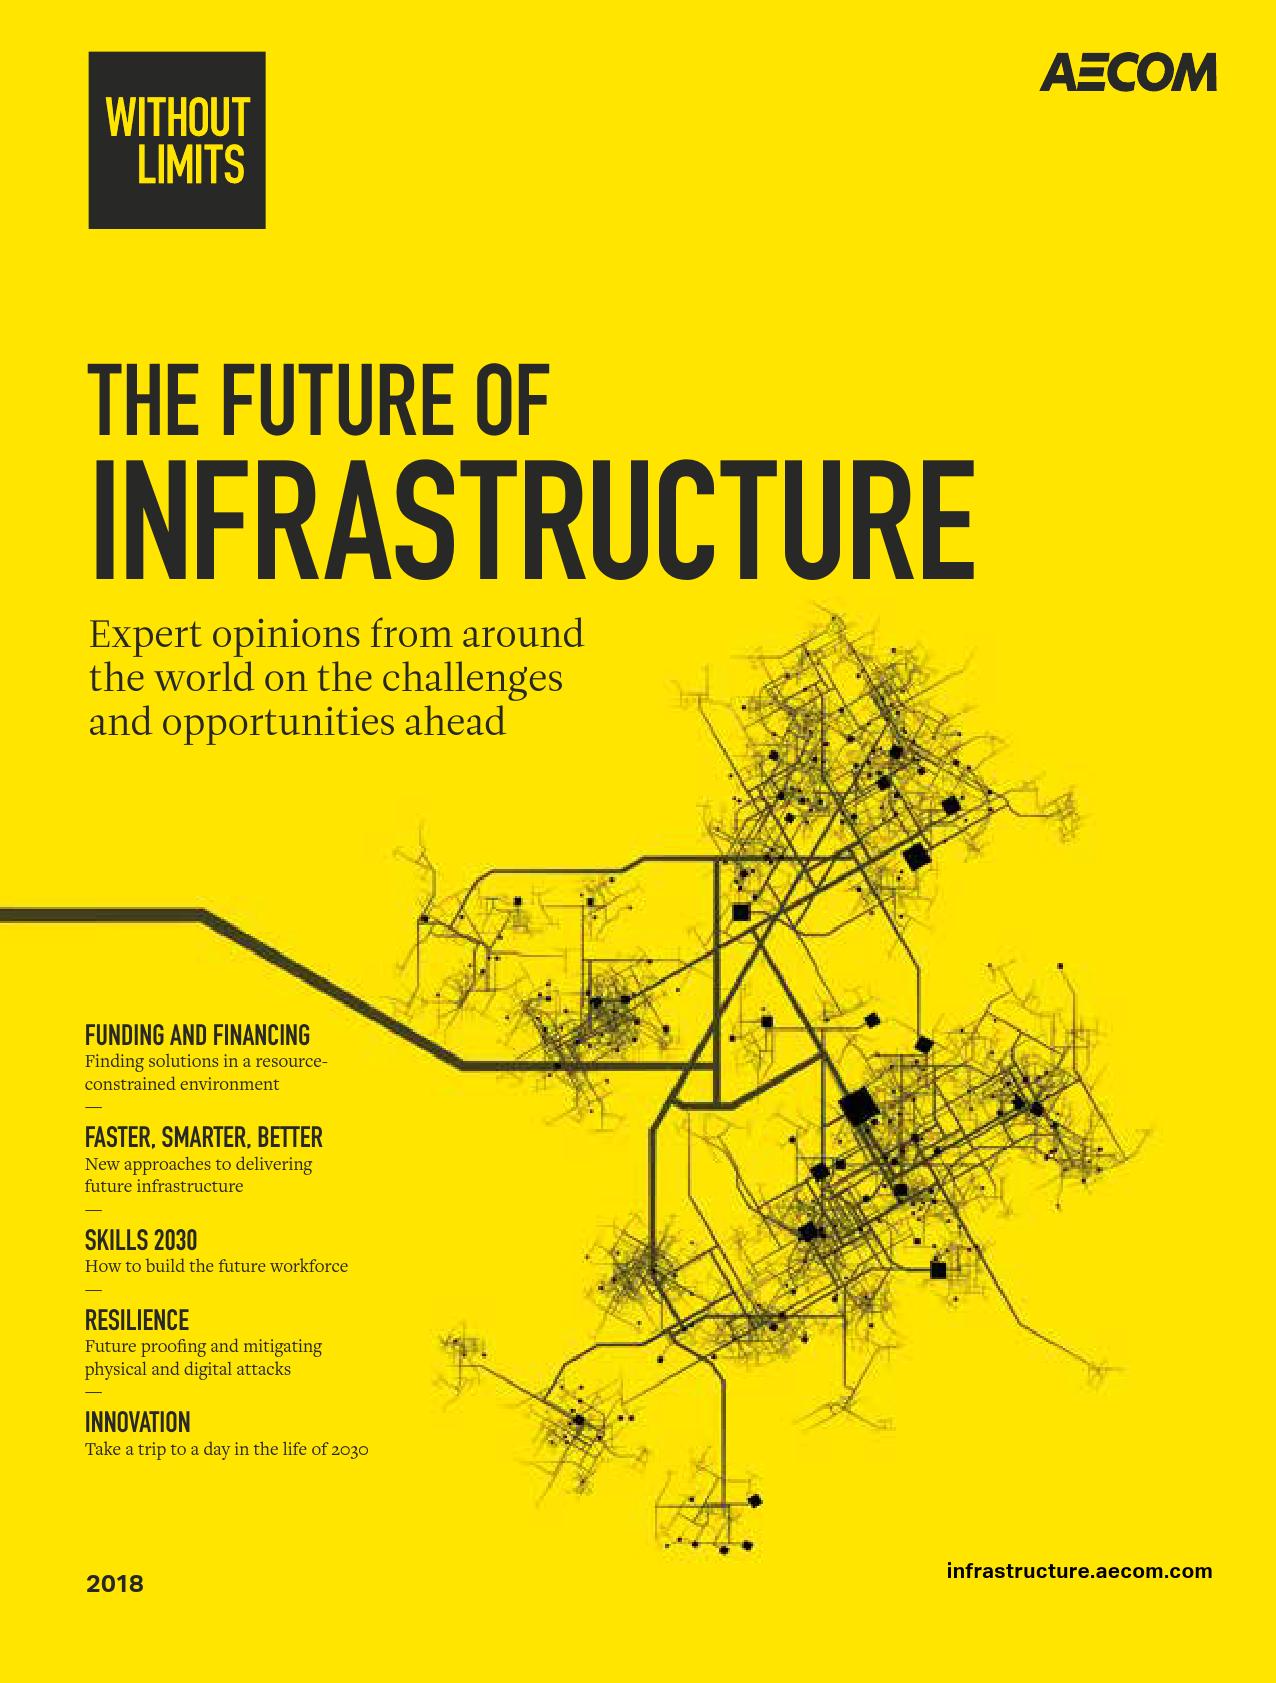 未来基础设施报告:展望2030年的城市与日常生活